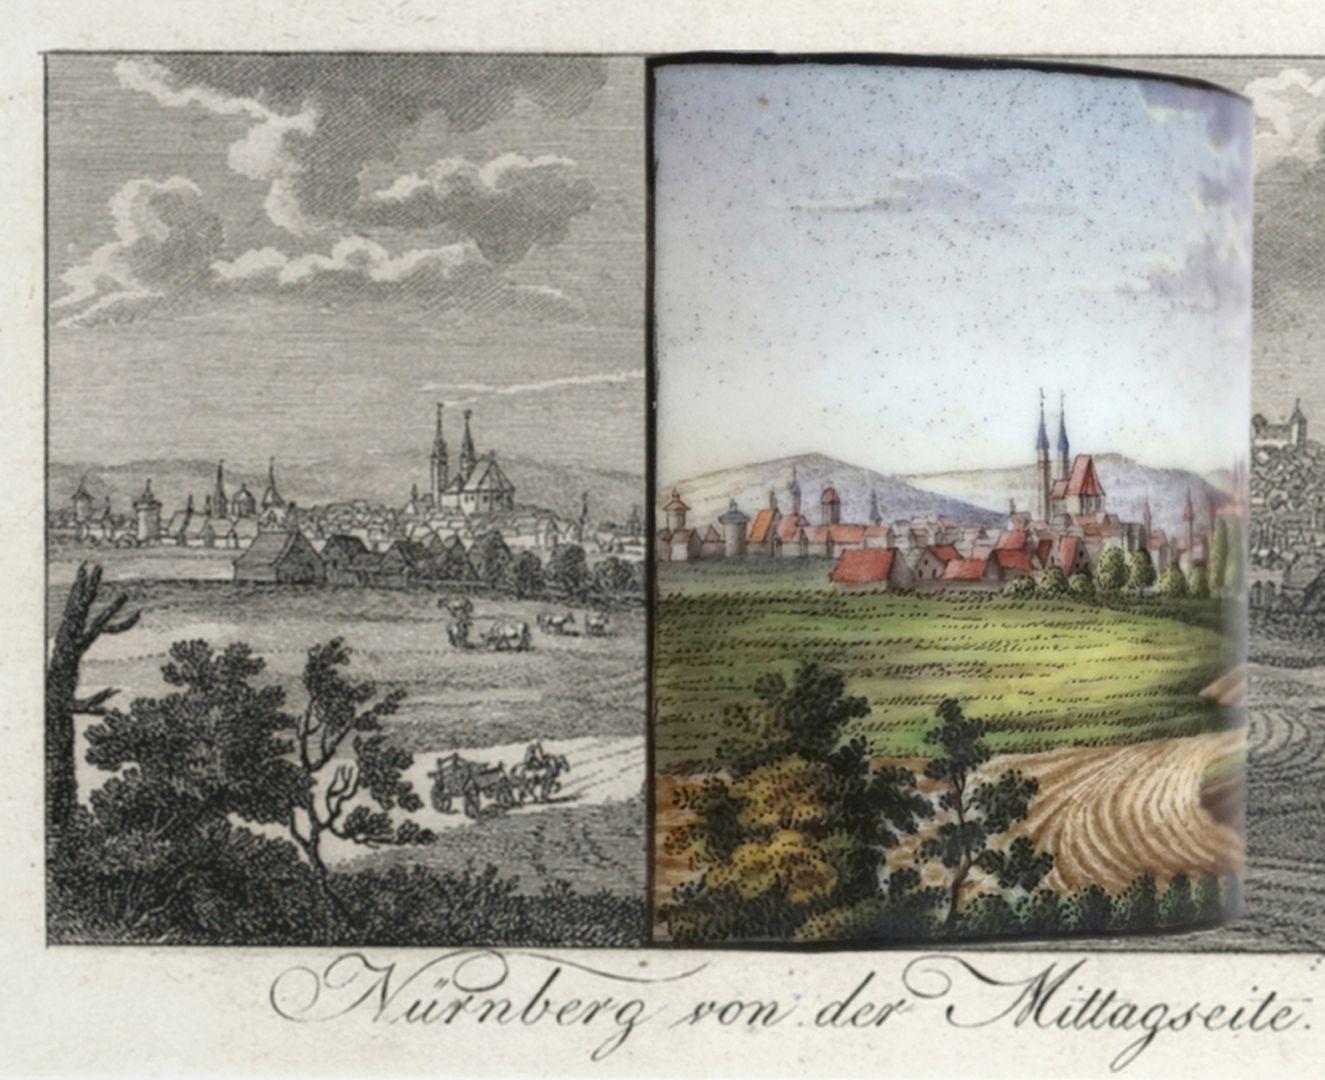 """Tasse mit Nürnberg-Ansicht von """"der Mittagsseite"""" (Süden) Bildvergleich mit Vorlage und Bildausschnitt der Tasse"""